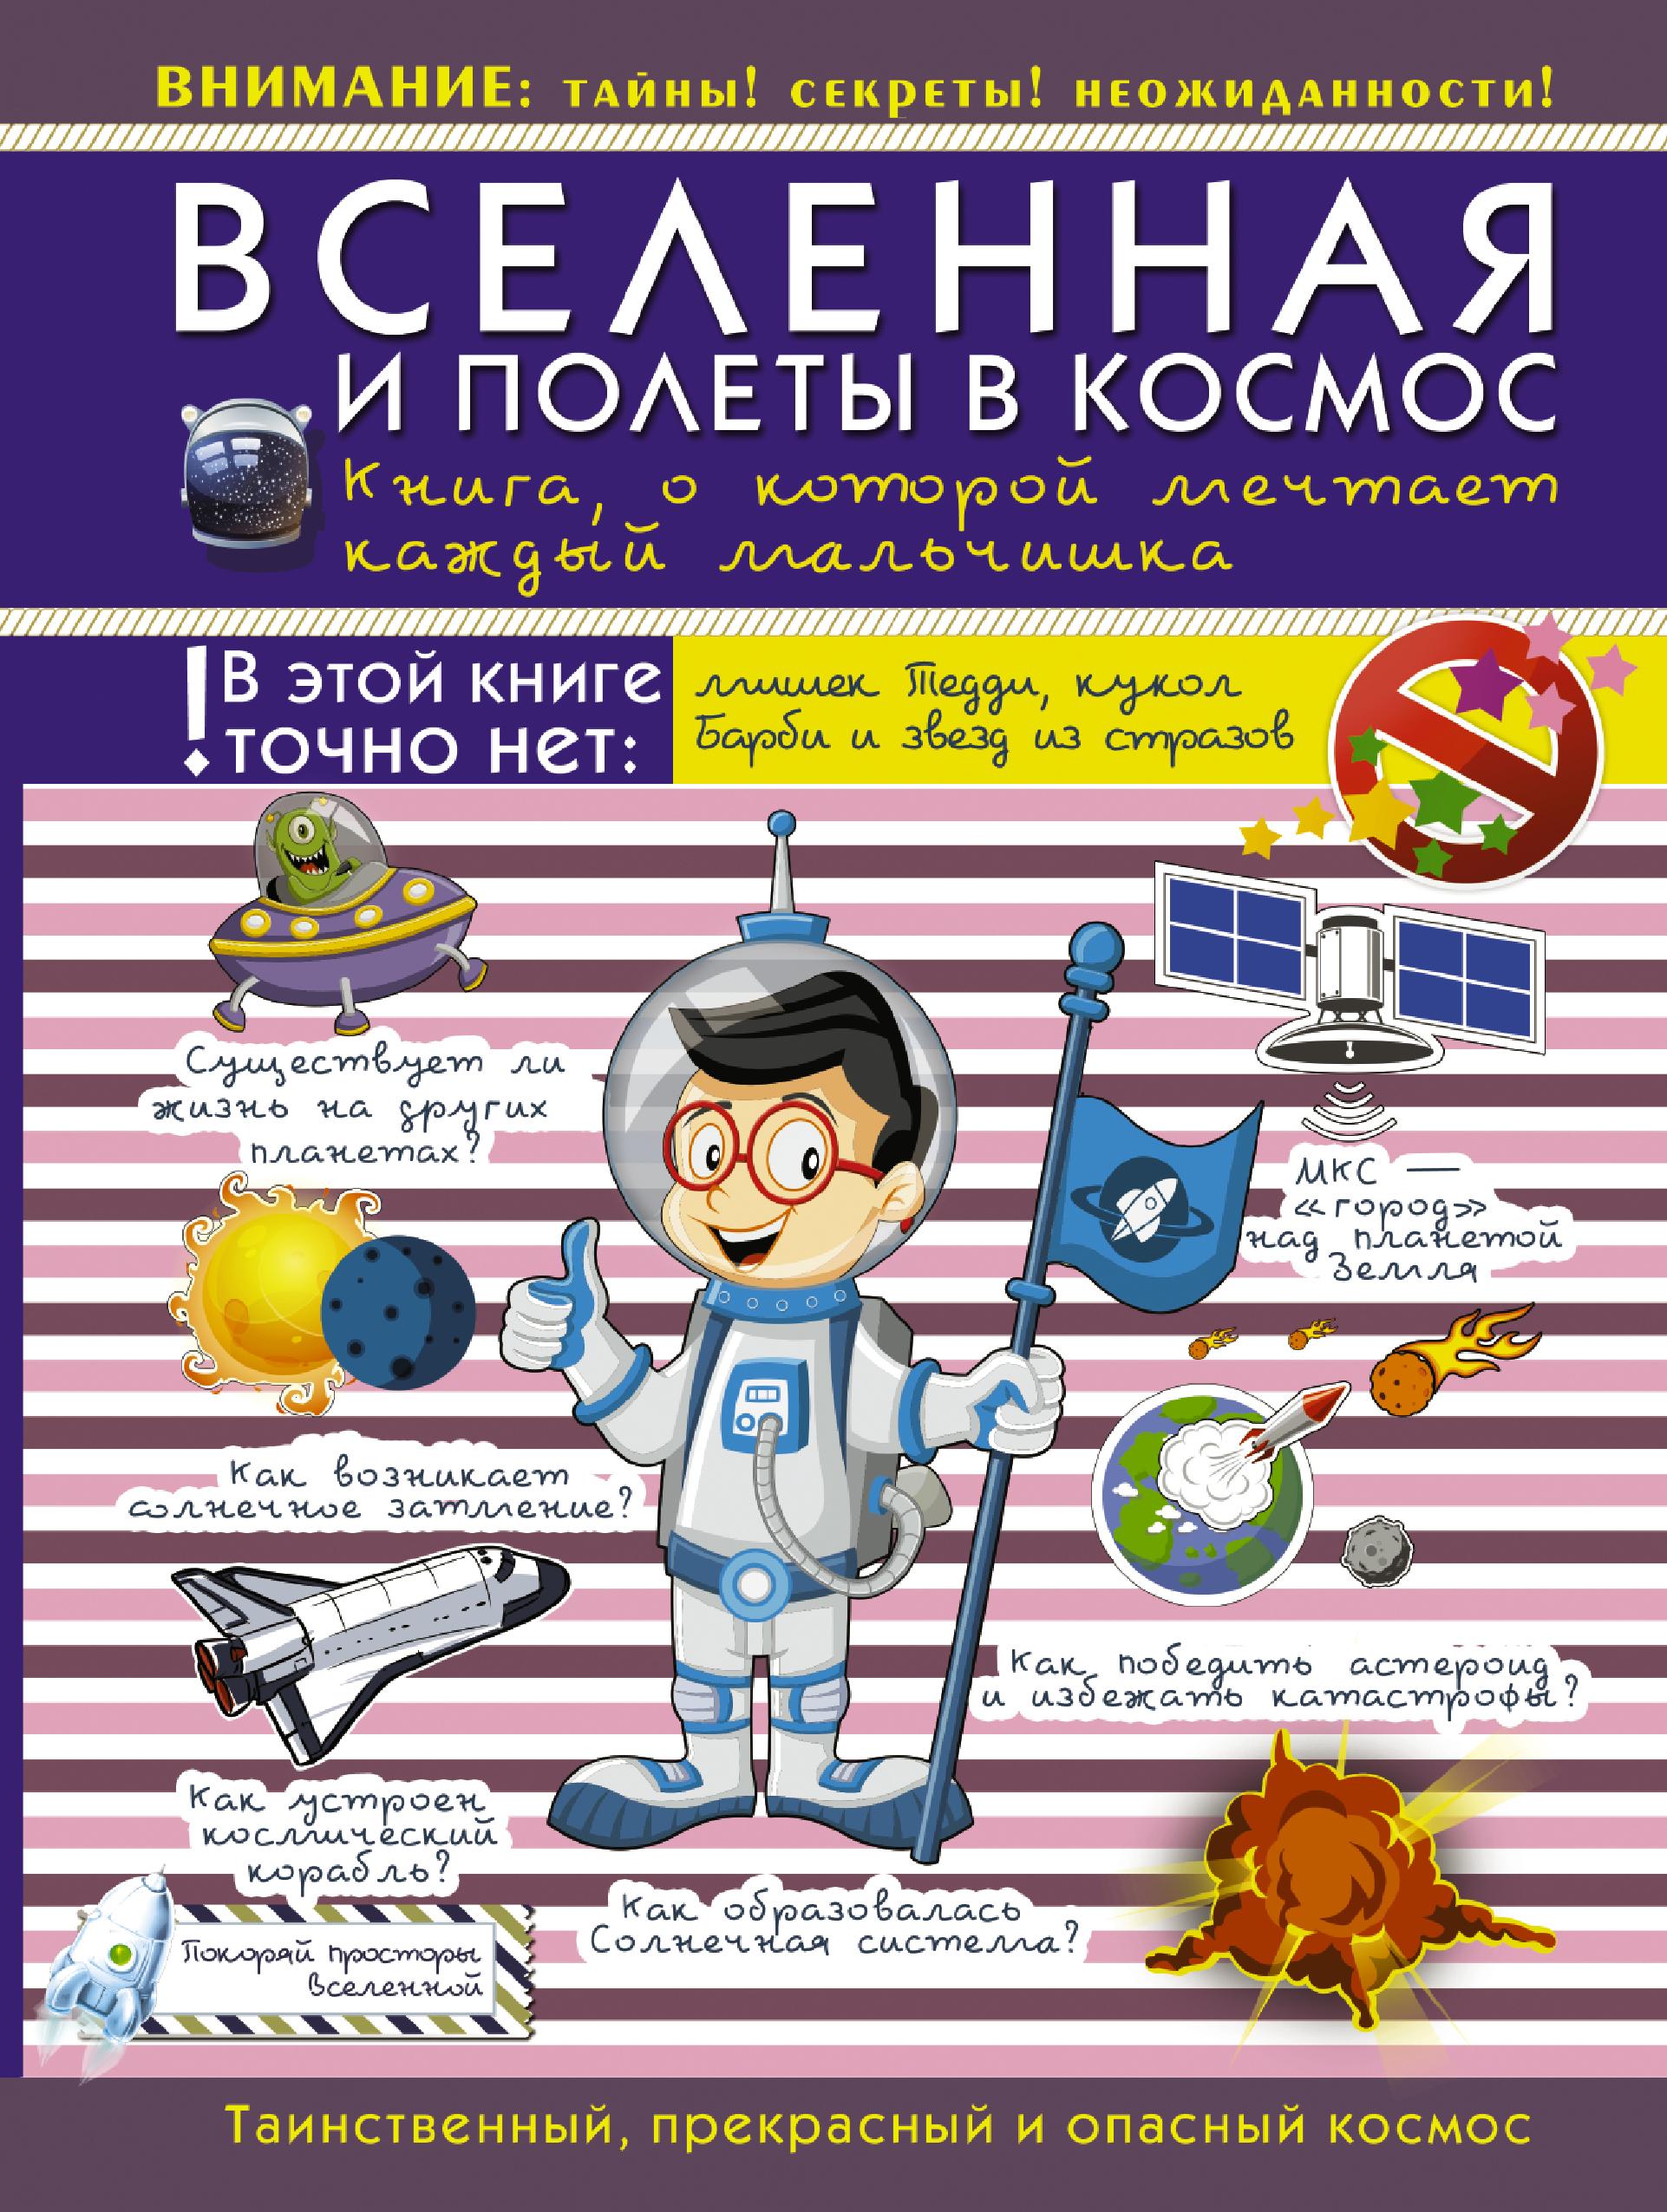 . Вселенная и полеты в космос. Книга о которой мечтает каждый мальчишка вайткене л книга о которой мечтает каждый мальчишка